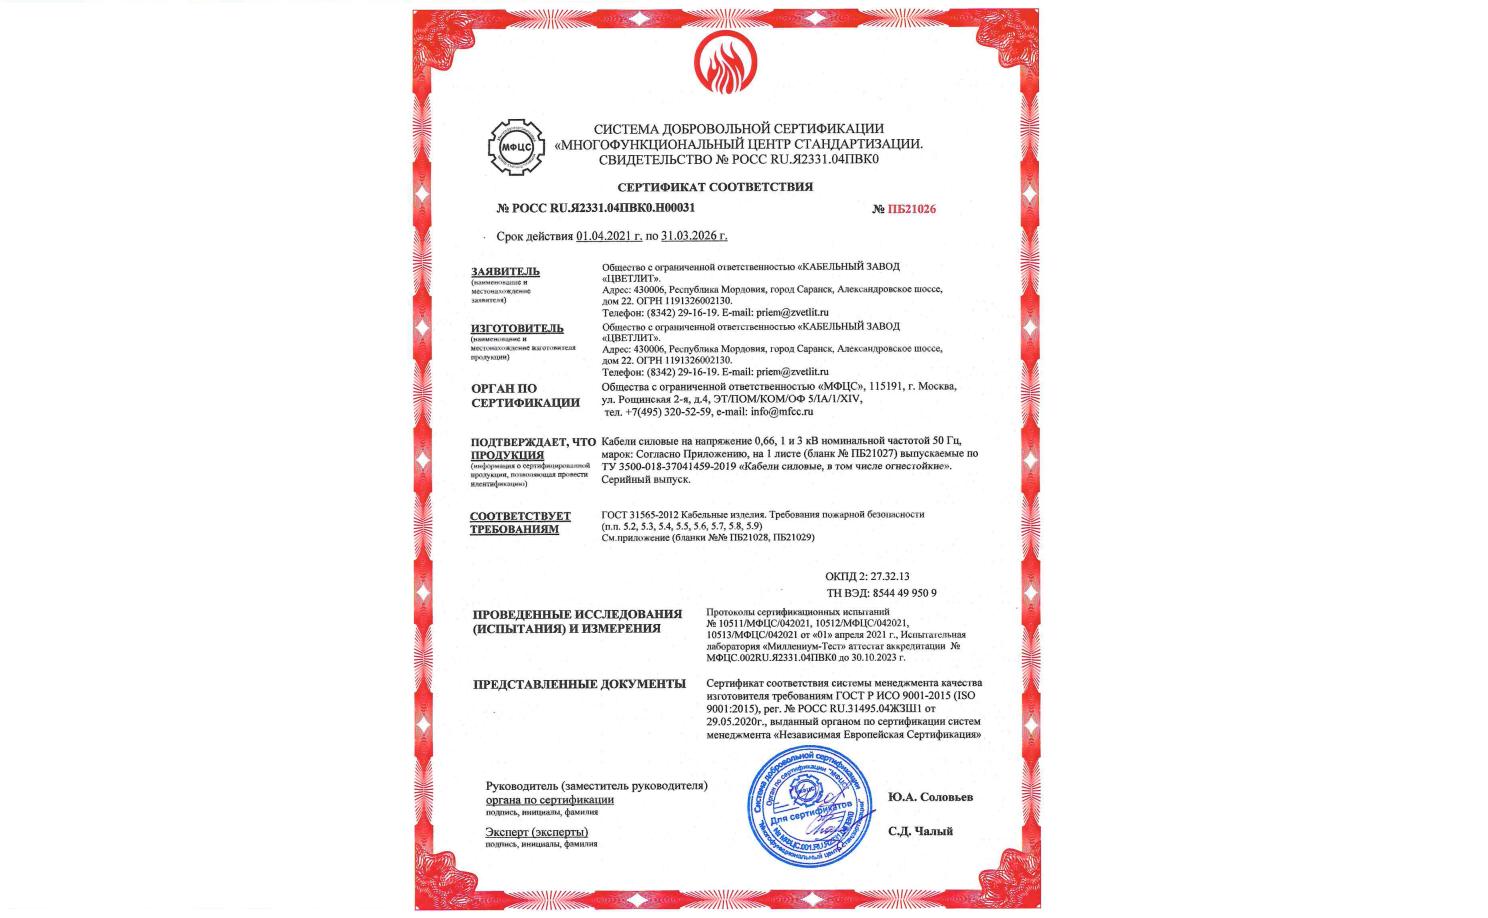 ООО «КЗ «ЦВЕТЛИТ» получил сертификат на соответствие требованиям пожарной безопасности